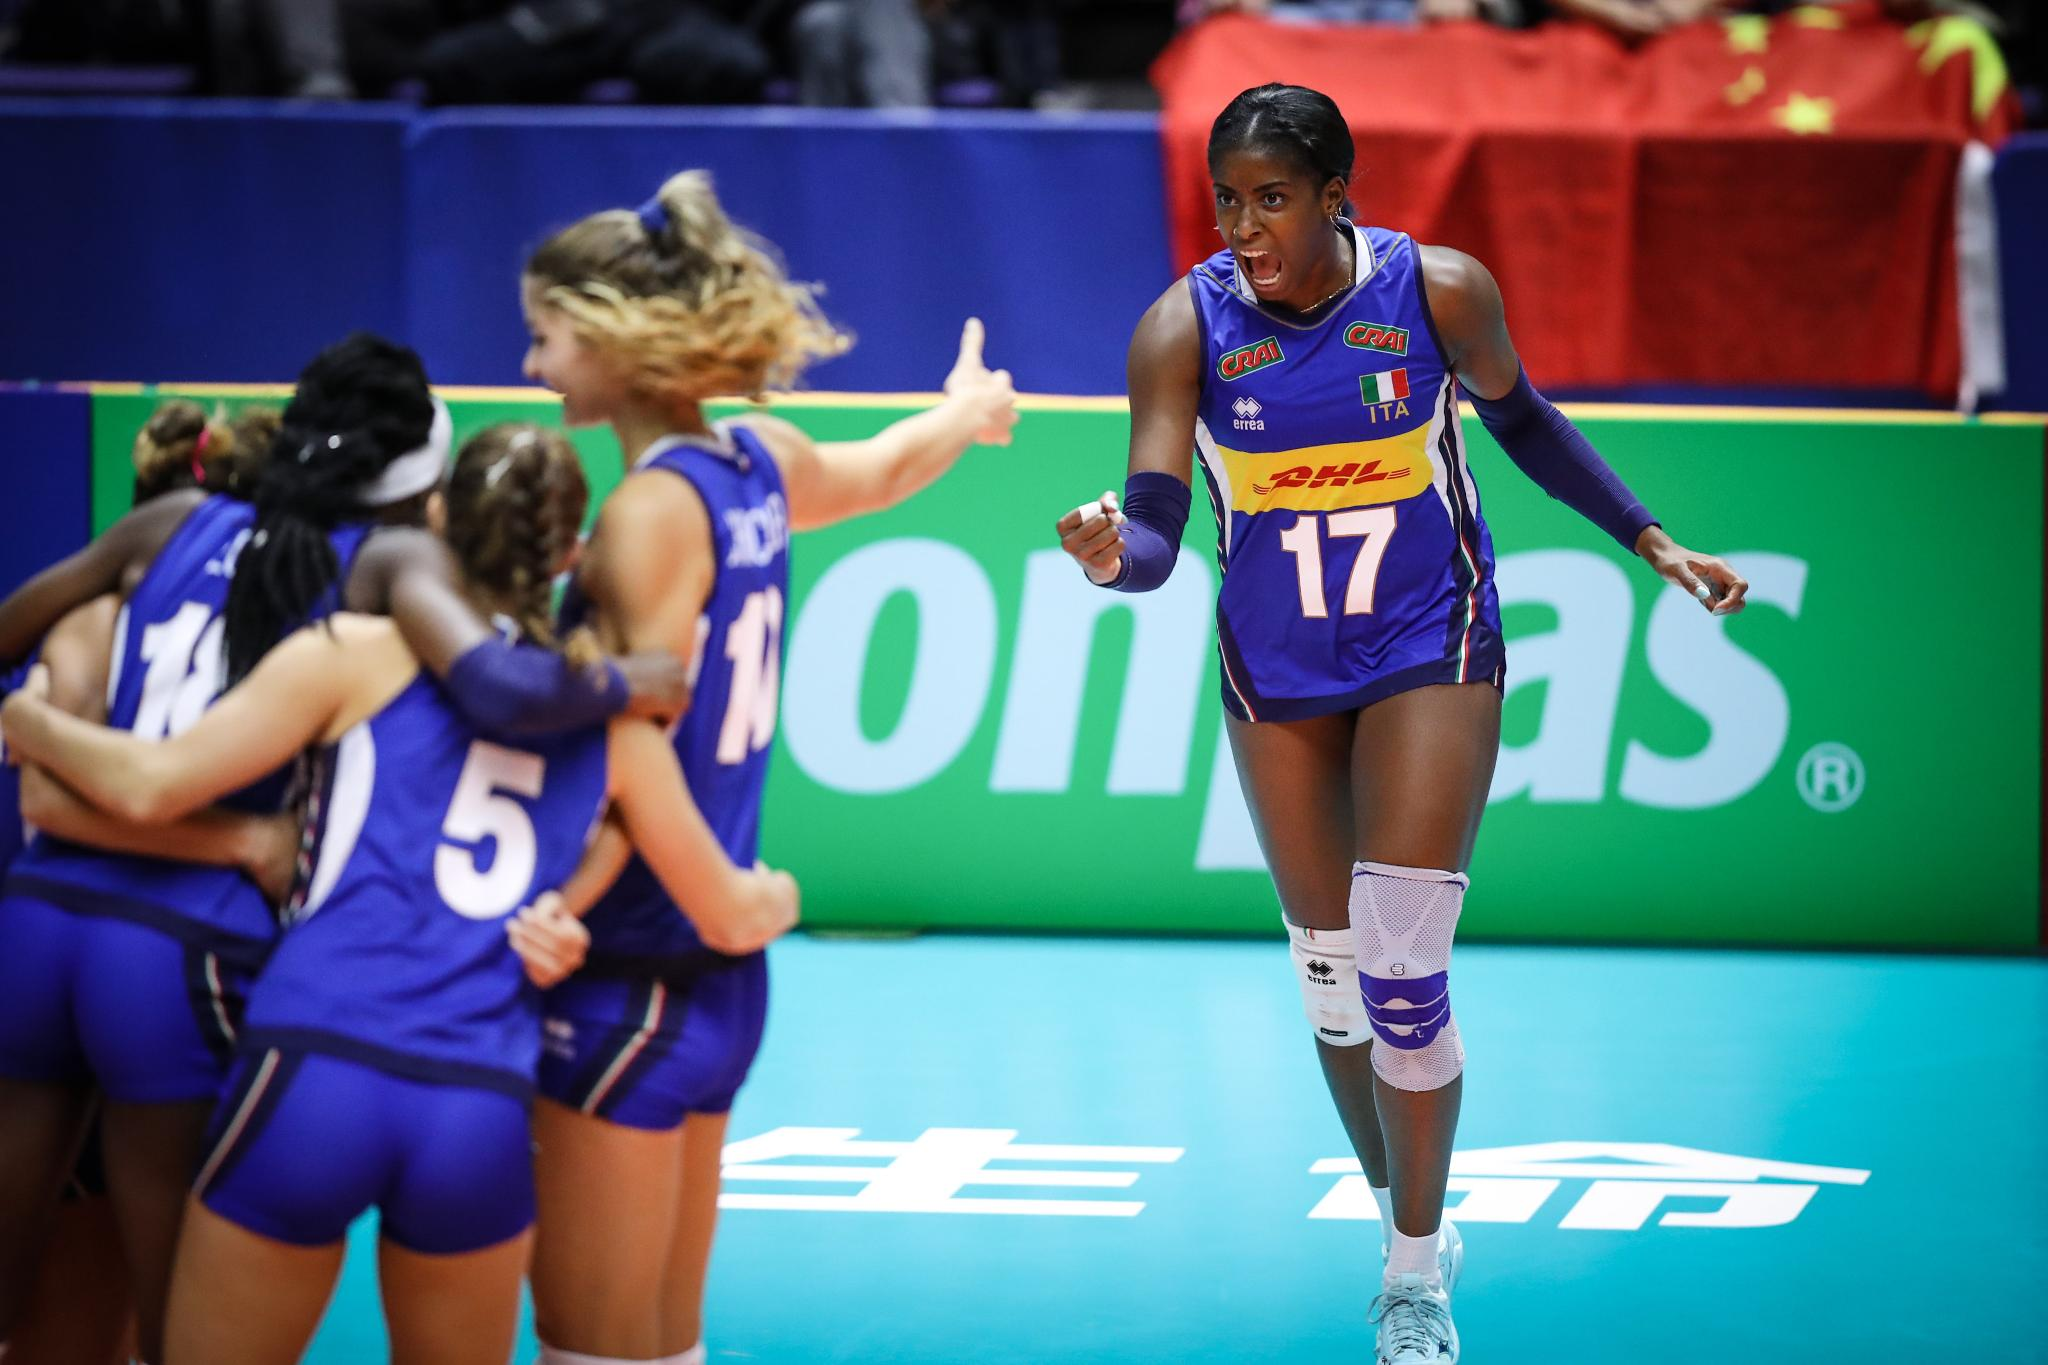 Risultati immagini per Campionato mondiale di pallavolo femminile